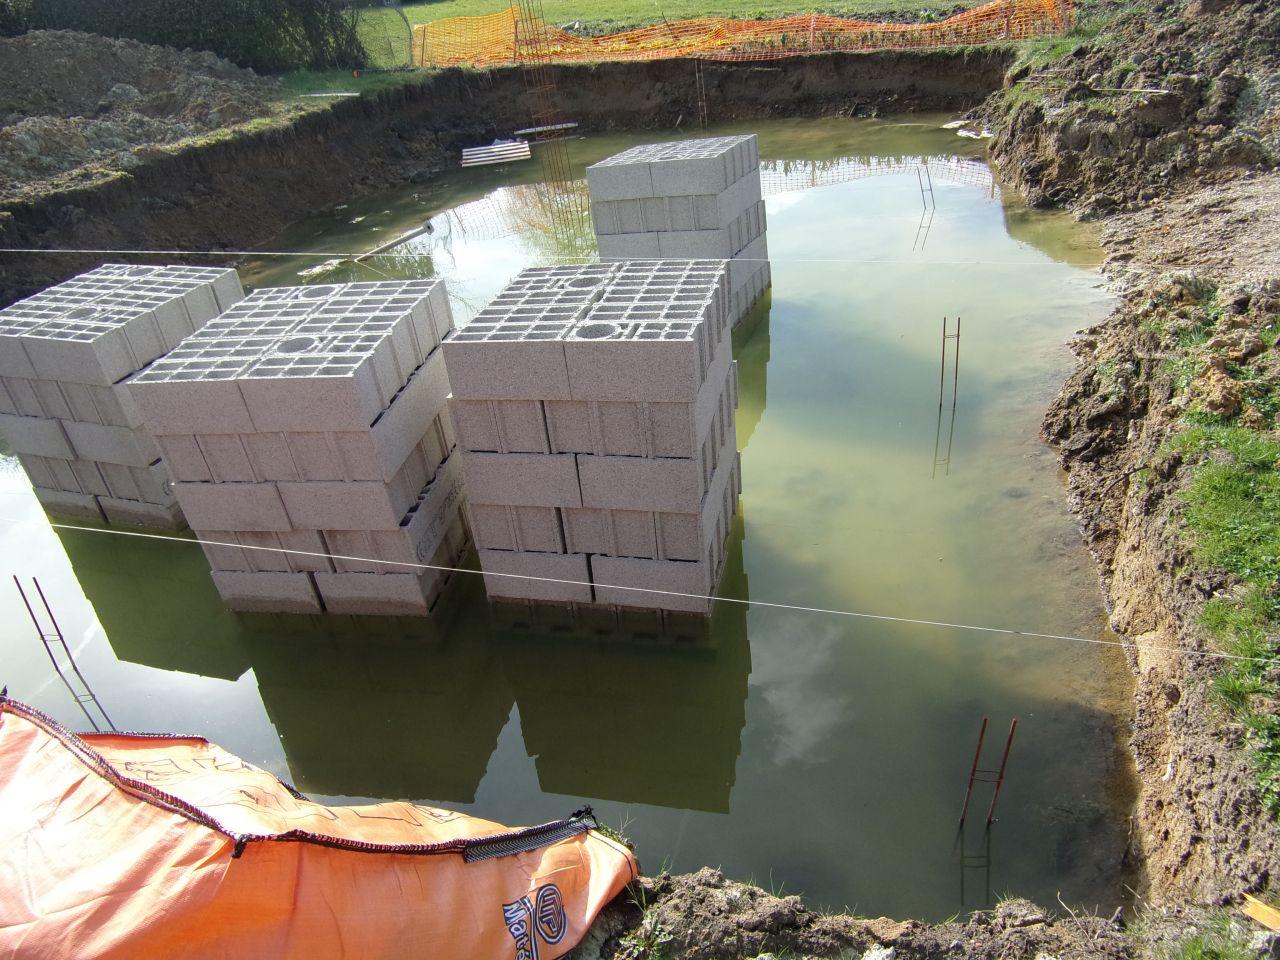 Parpaings et matériaux noyés dan l'eau